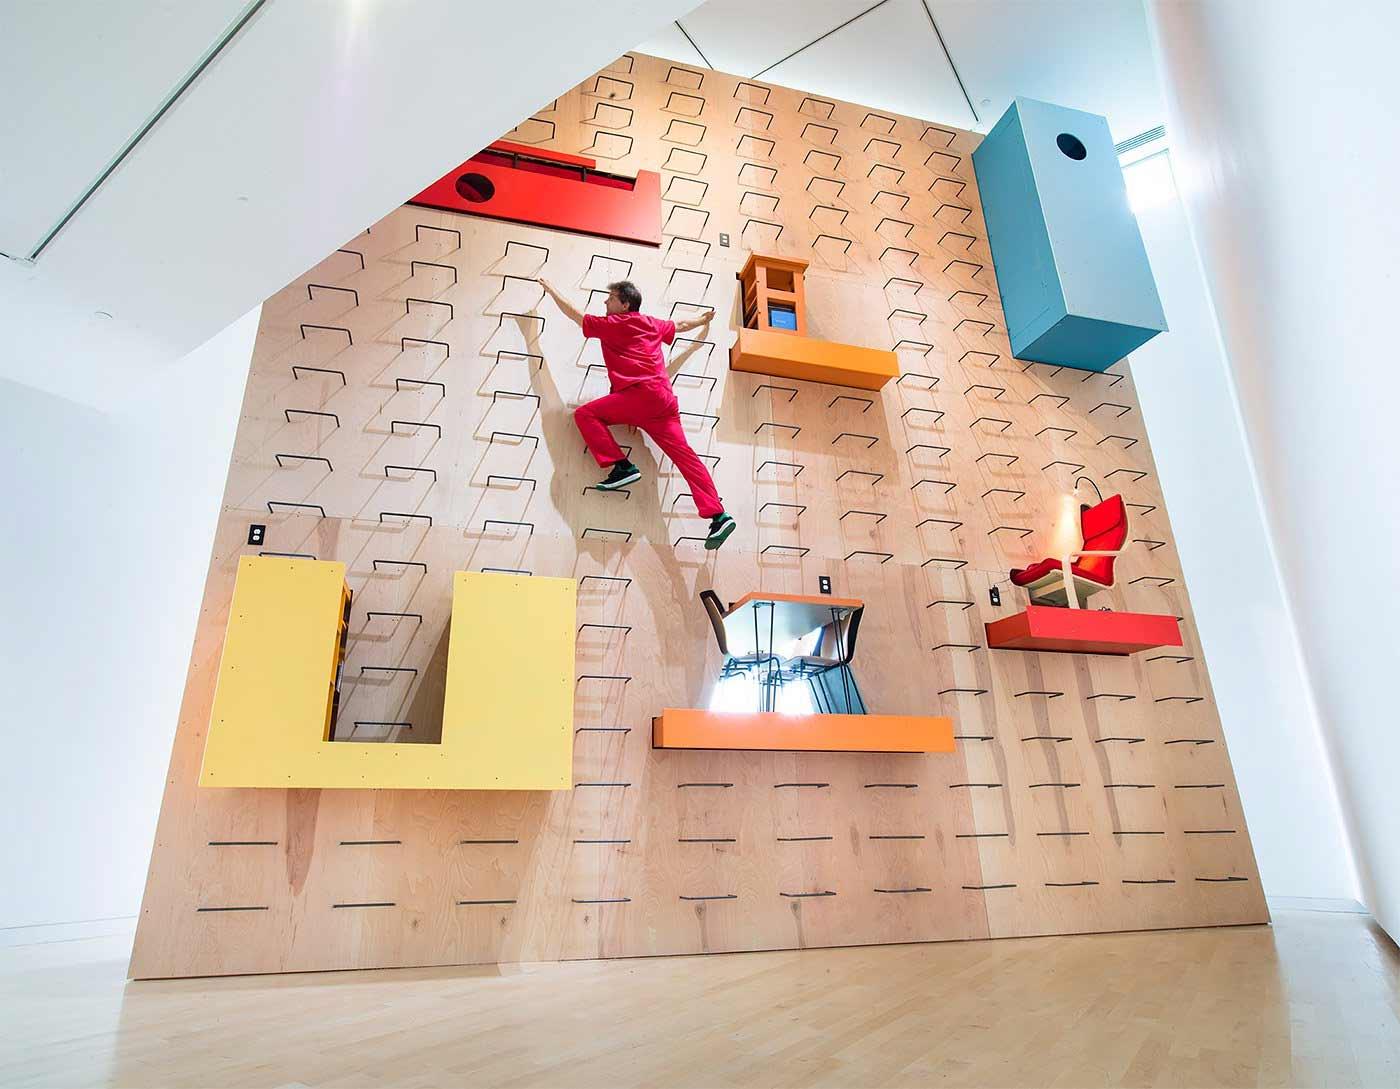 Architektur-Installationen von Alex Schweder & Ward Shelley Alex-Schweder-und-Ward-Shelley_05